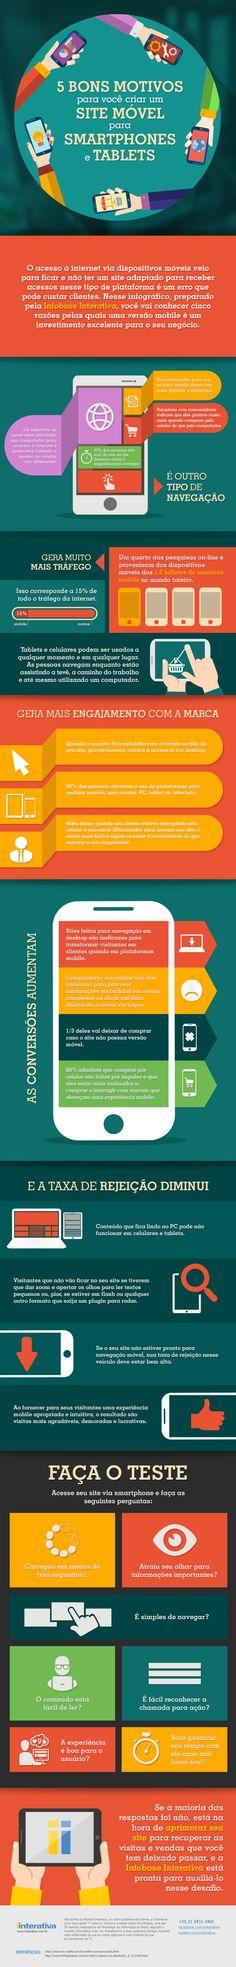 5 bons motivos para você criar um site mobile